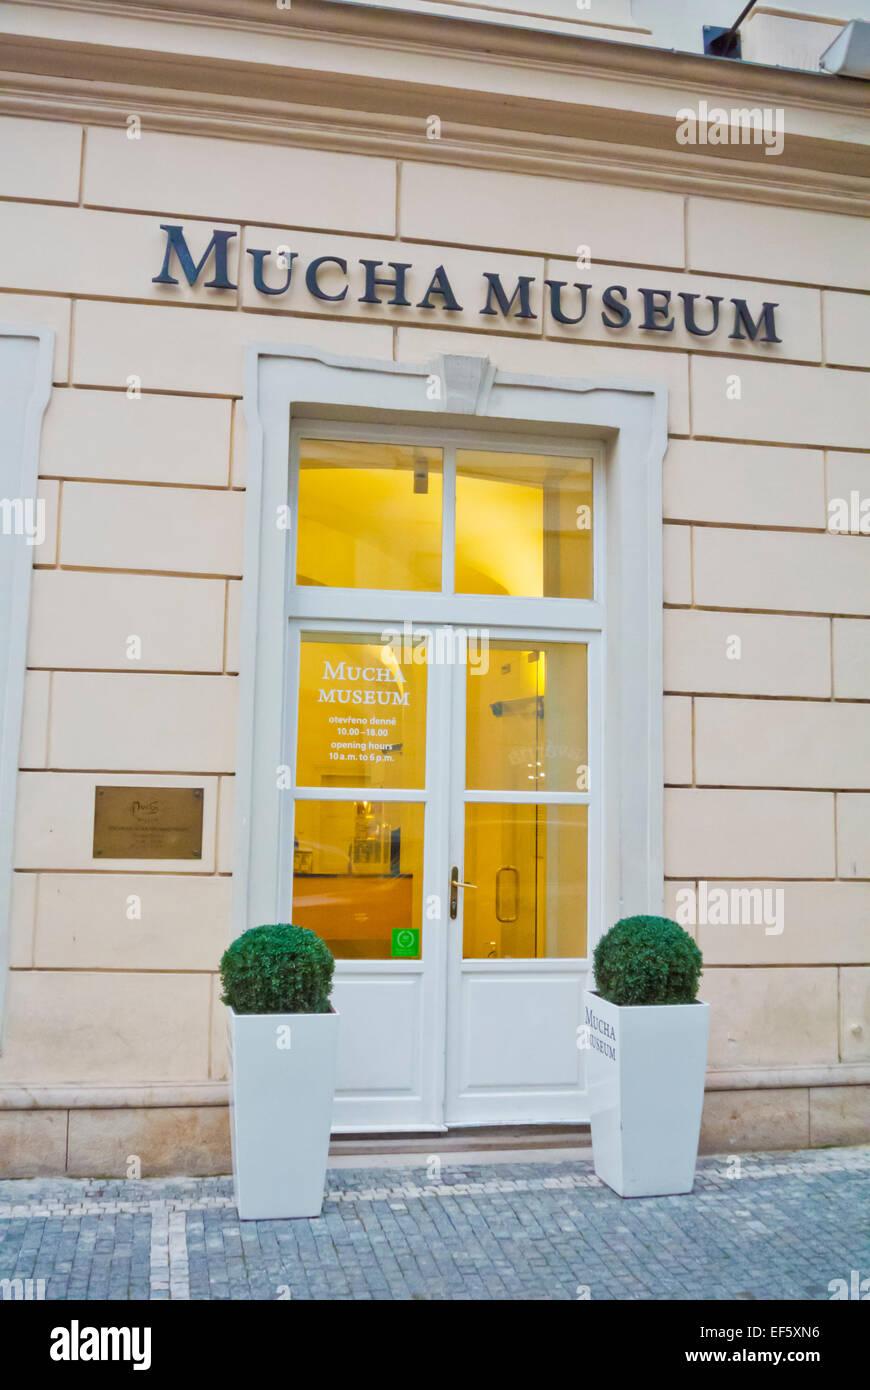 Mucha Museum, la città nuova di Praga, Repubblica Ceca, Europa Immagini Stock